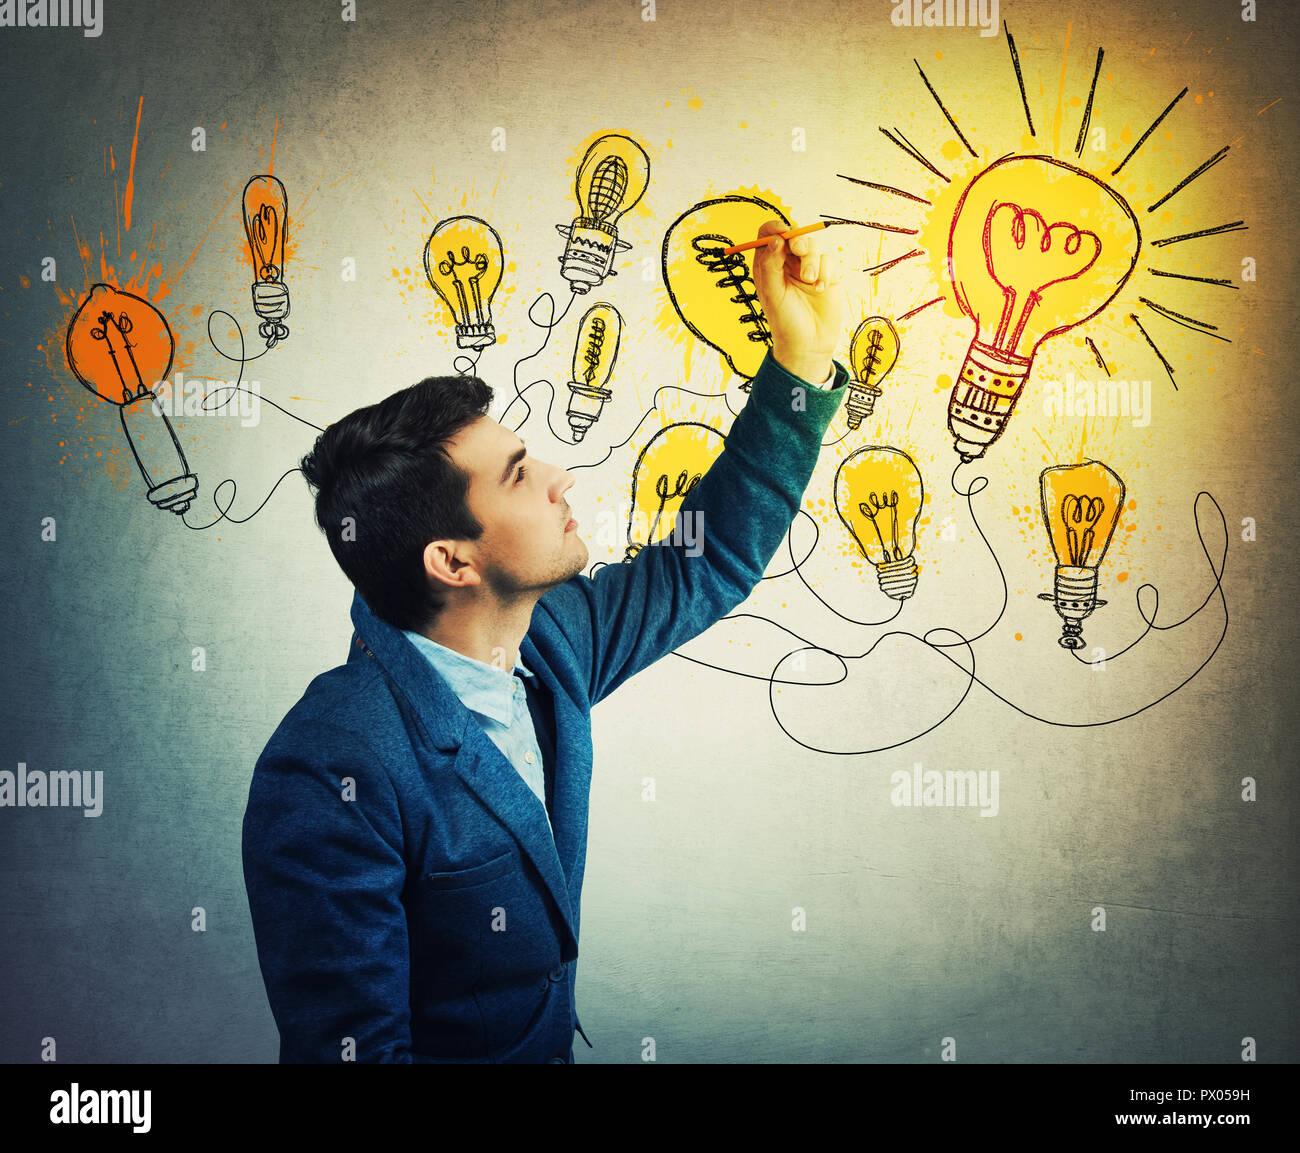 Imprenditore pensieroso disegno fantasioso luce splendente lampadine. Diverse aziende di pensare, genius creatività concetto, idea alternativa come il modo di Immagini Stock